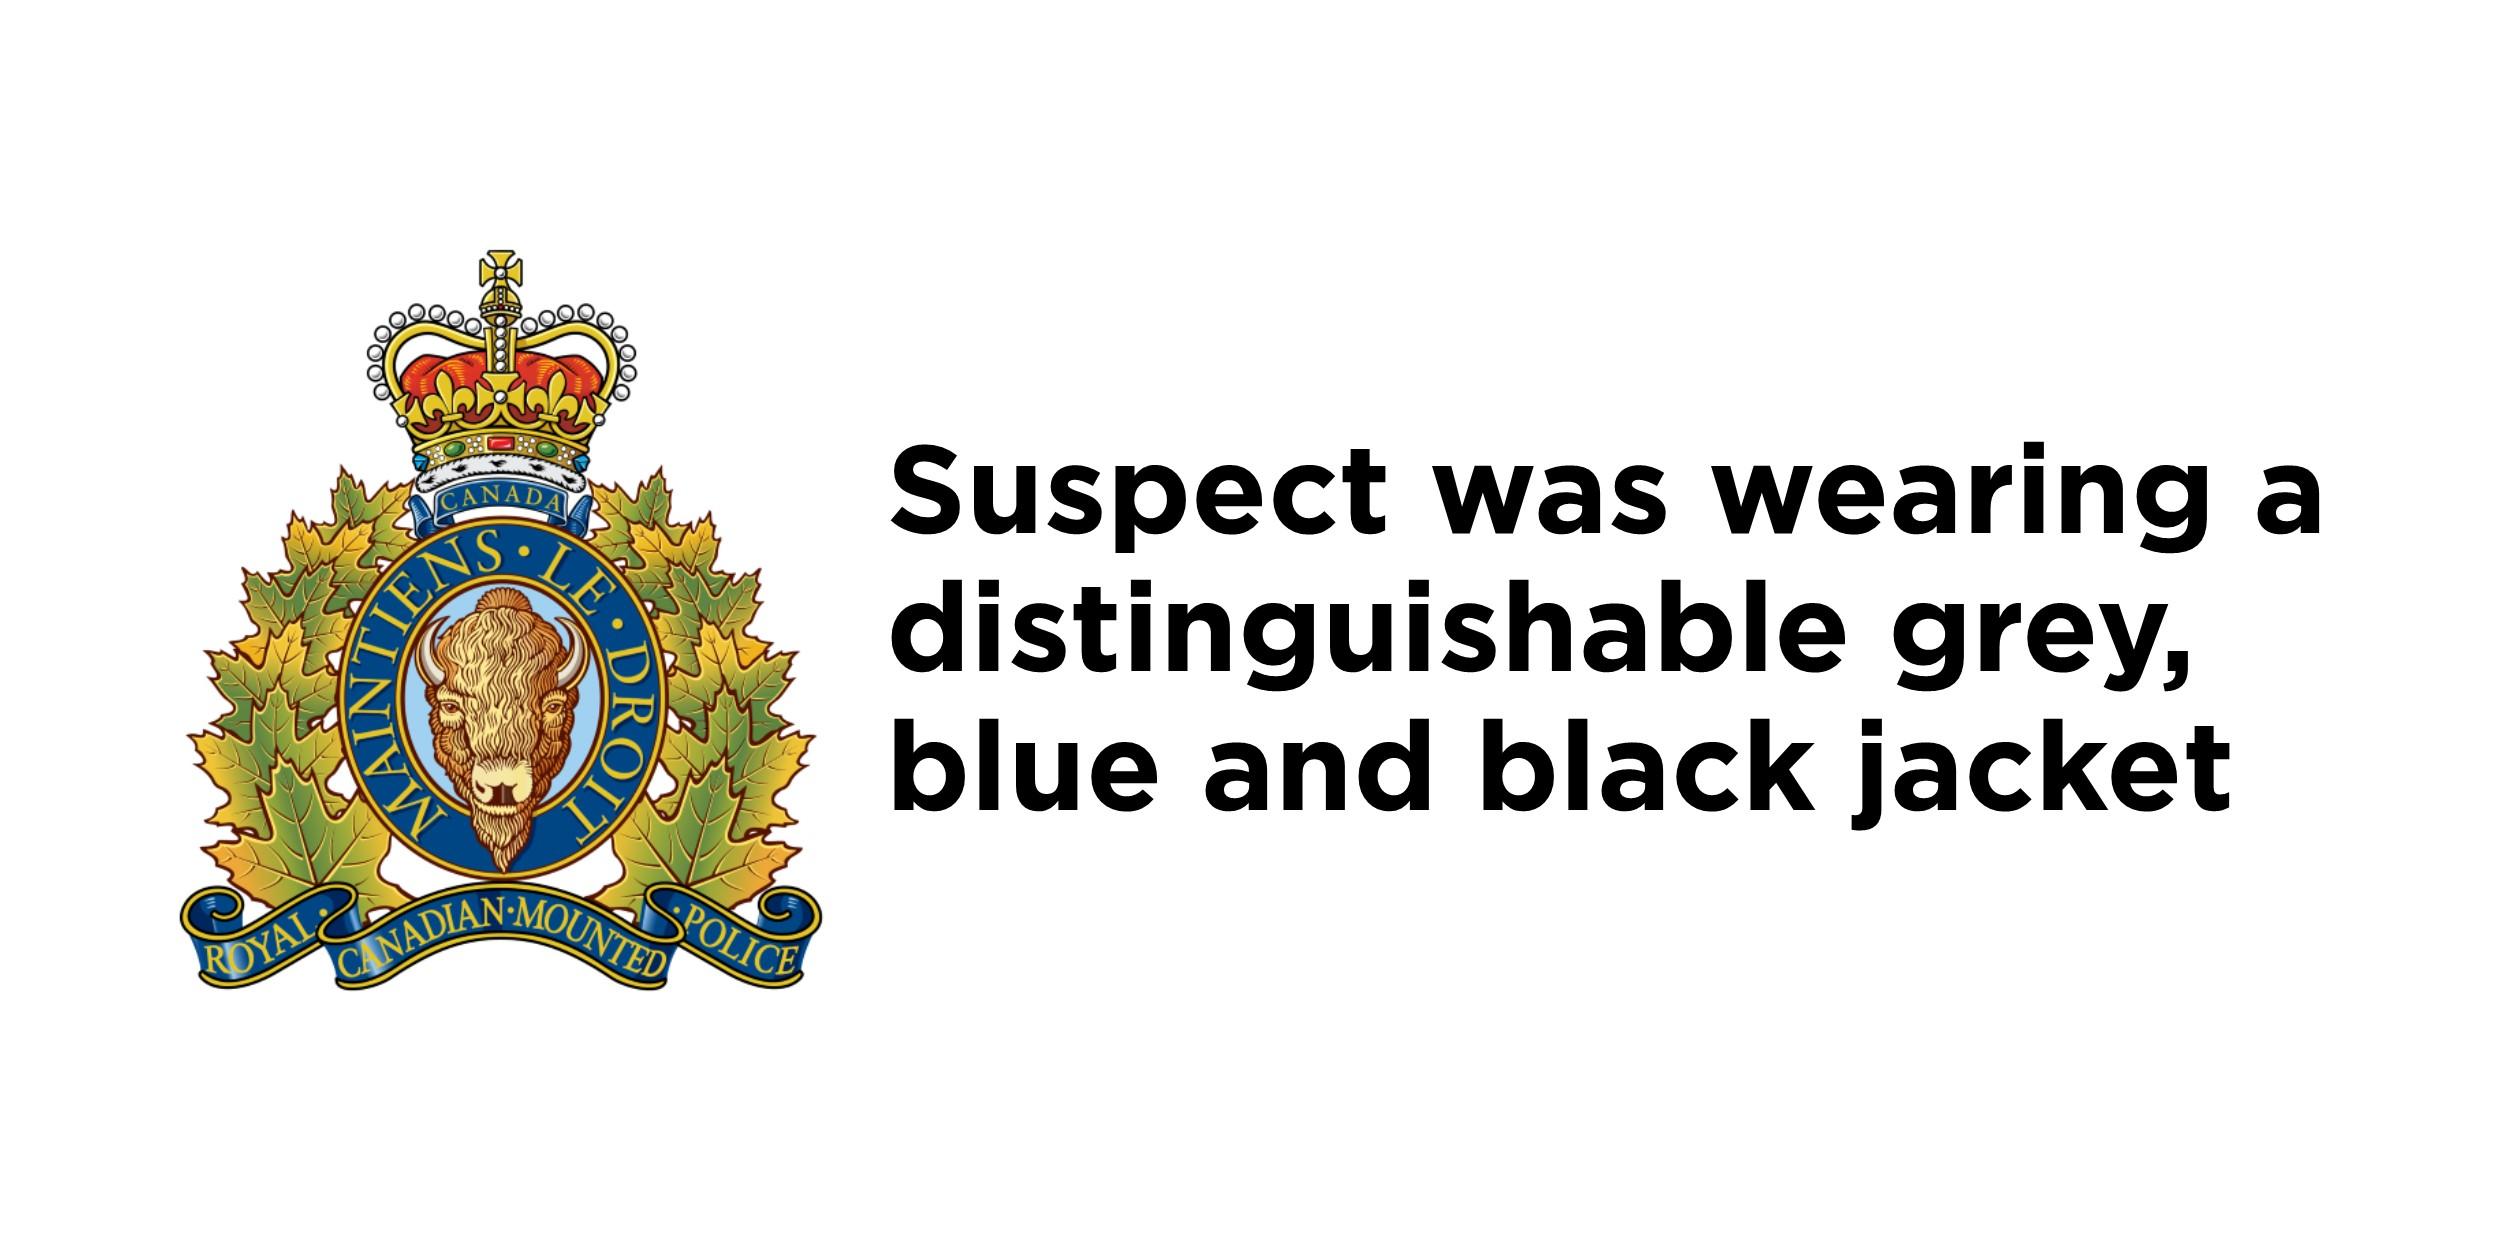 RCMP seeks public assistance